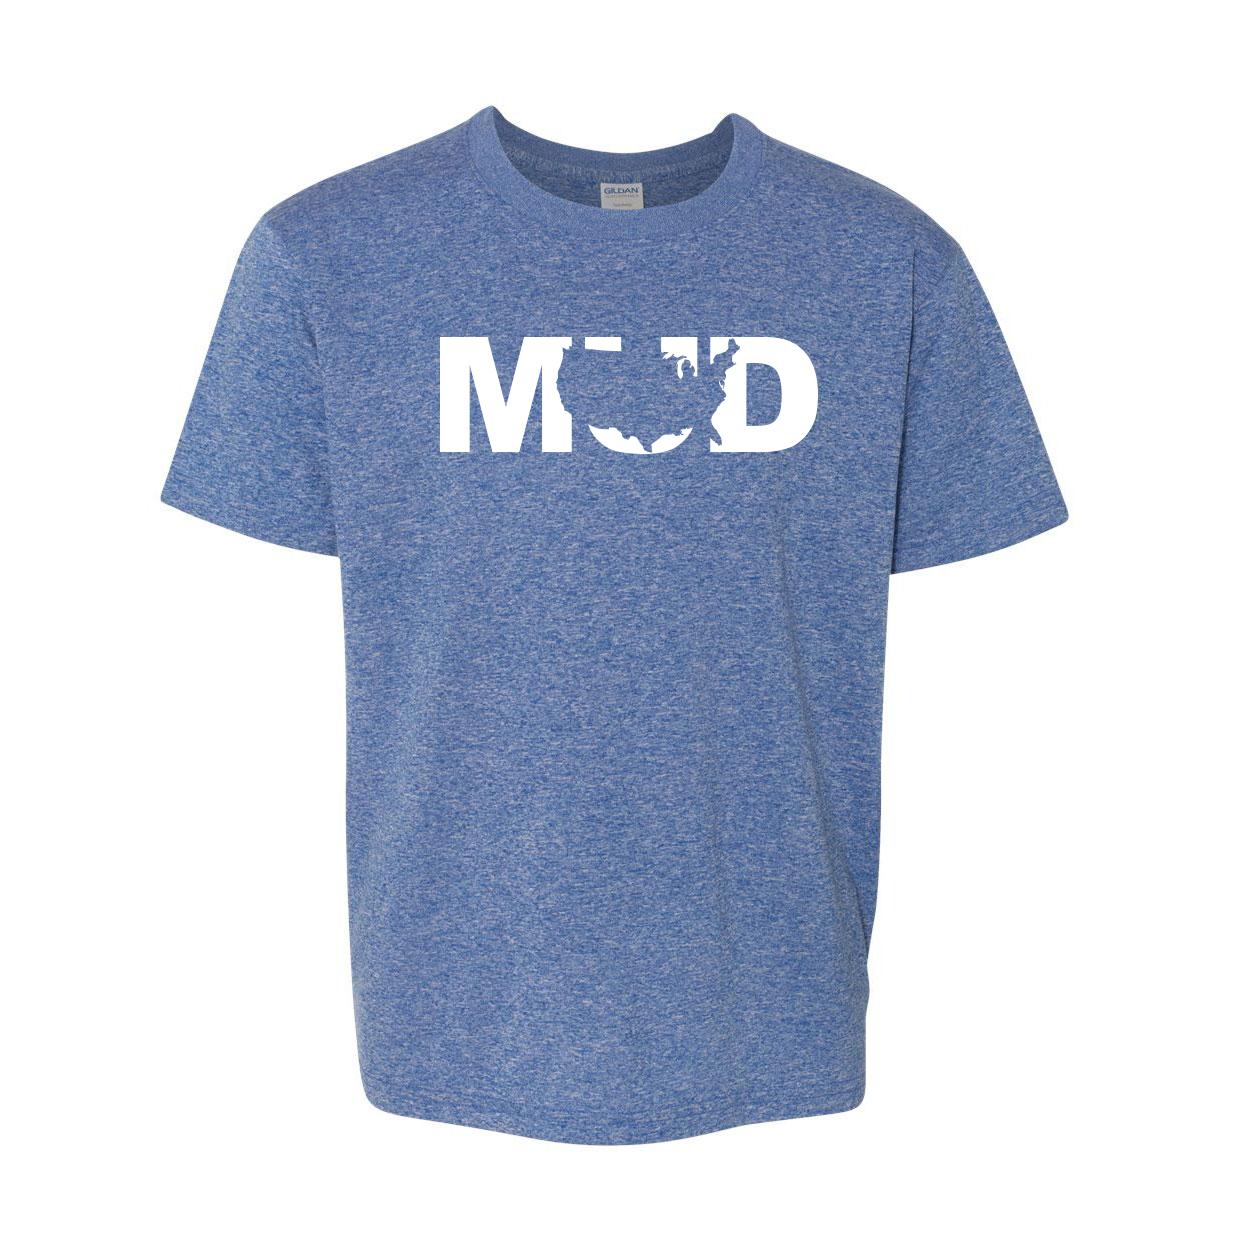 Mud United States Classic Youth T-Shirt Blue (White Logo)